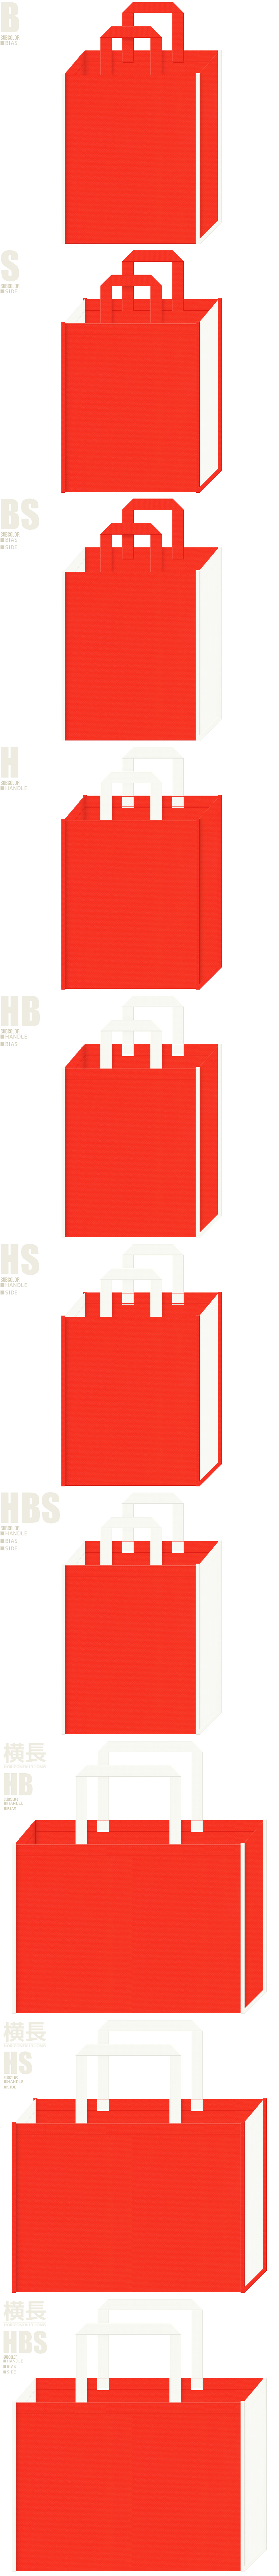 サーモン・フルーツケーキ・キッチン・ビタミン・サプリメント・ランチバッグにお奨めの不織布バッグデザイン:オレンジ色とオフホワイト色の配色7パターン